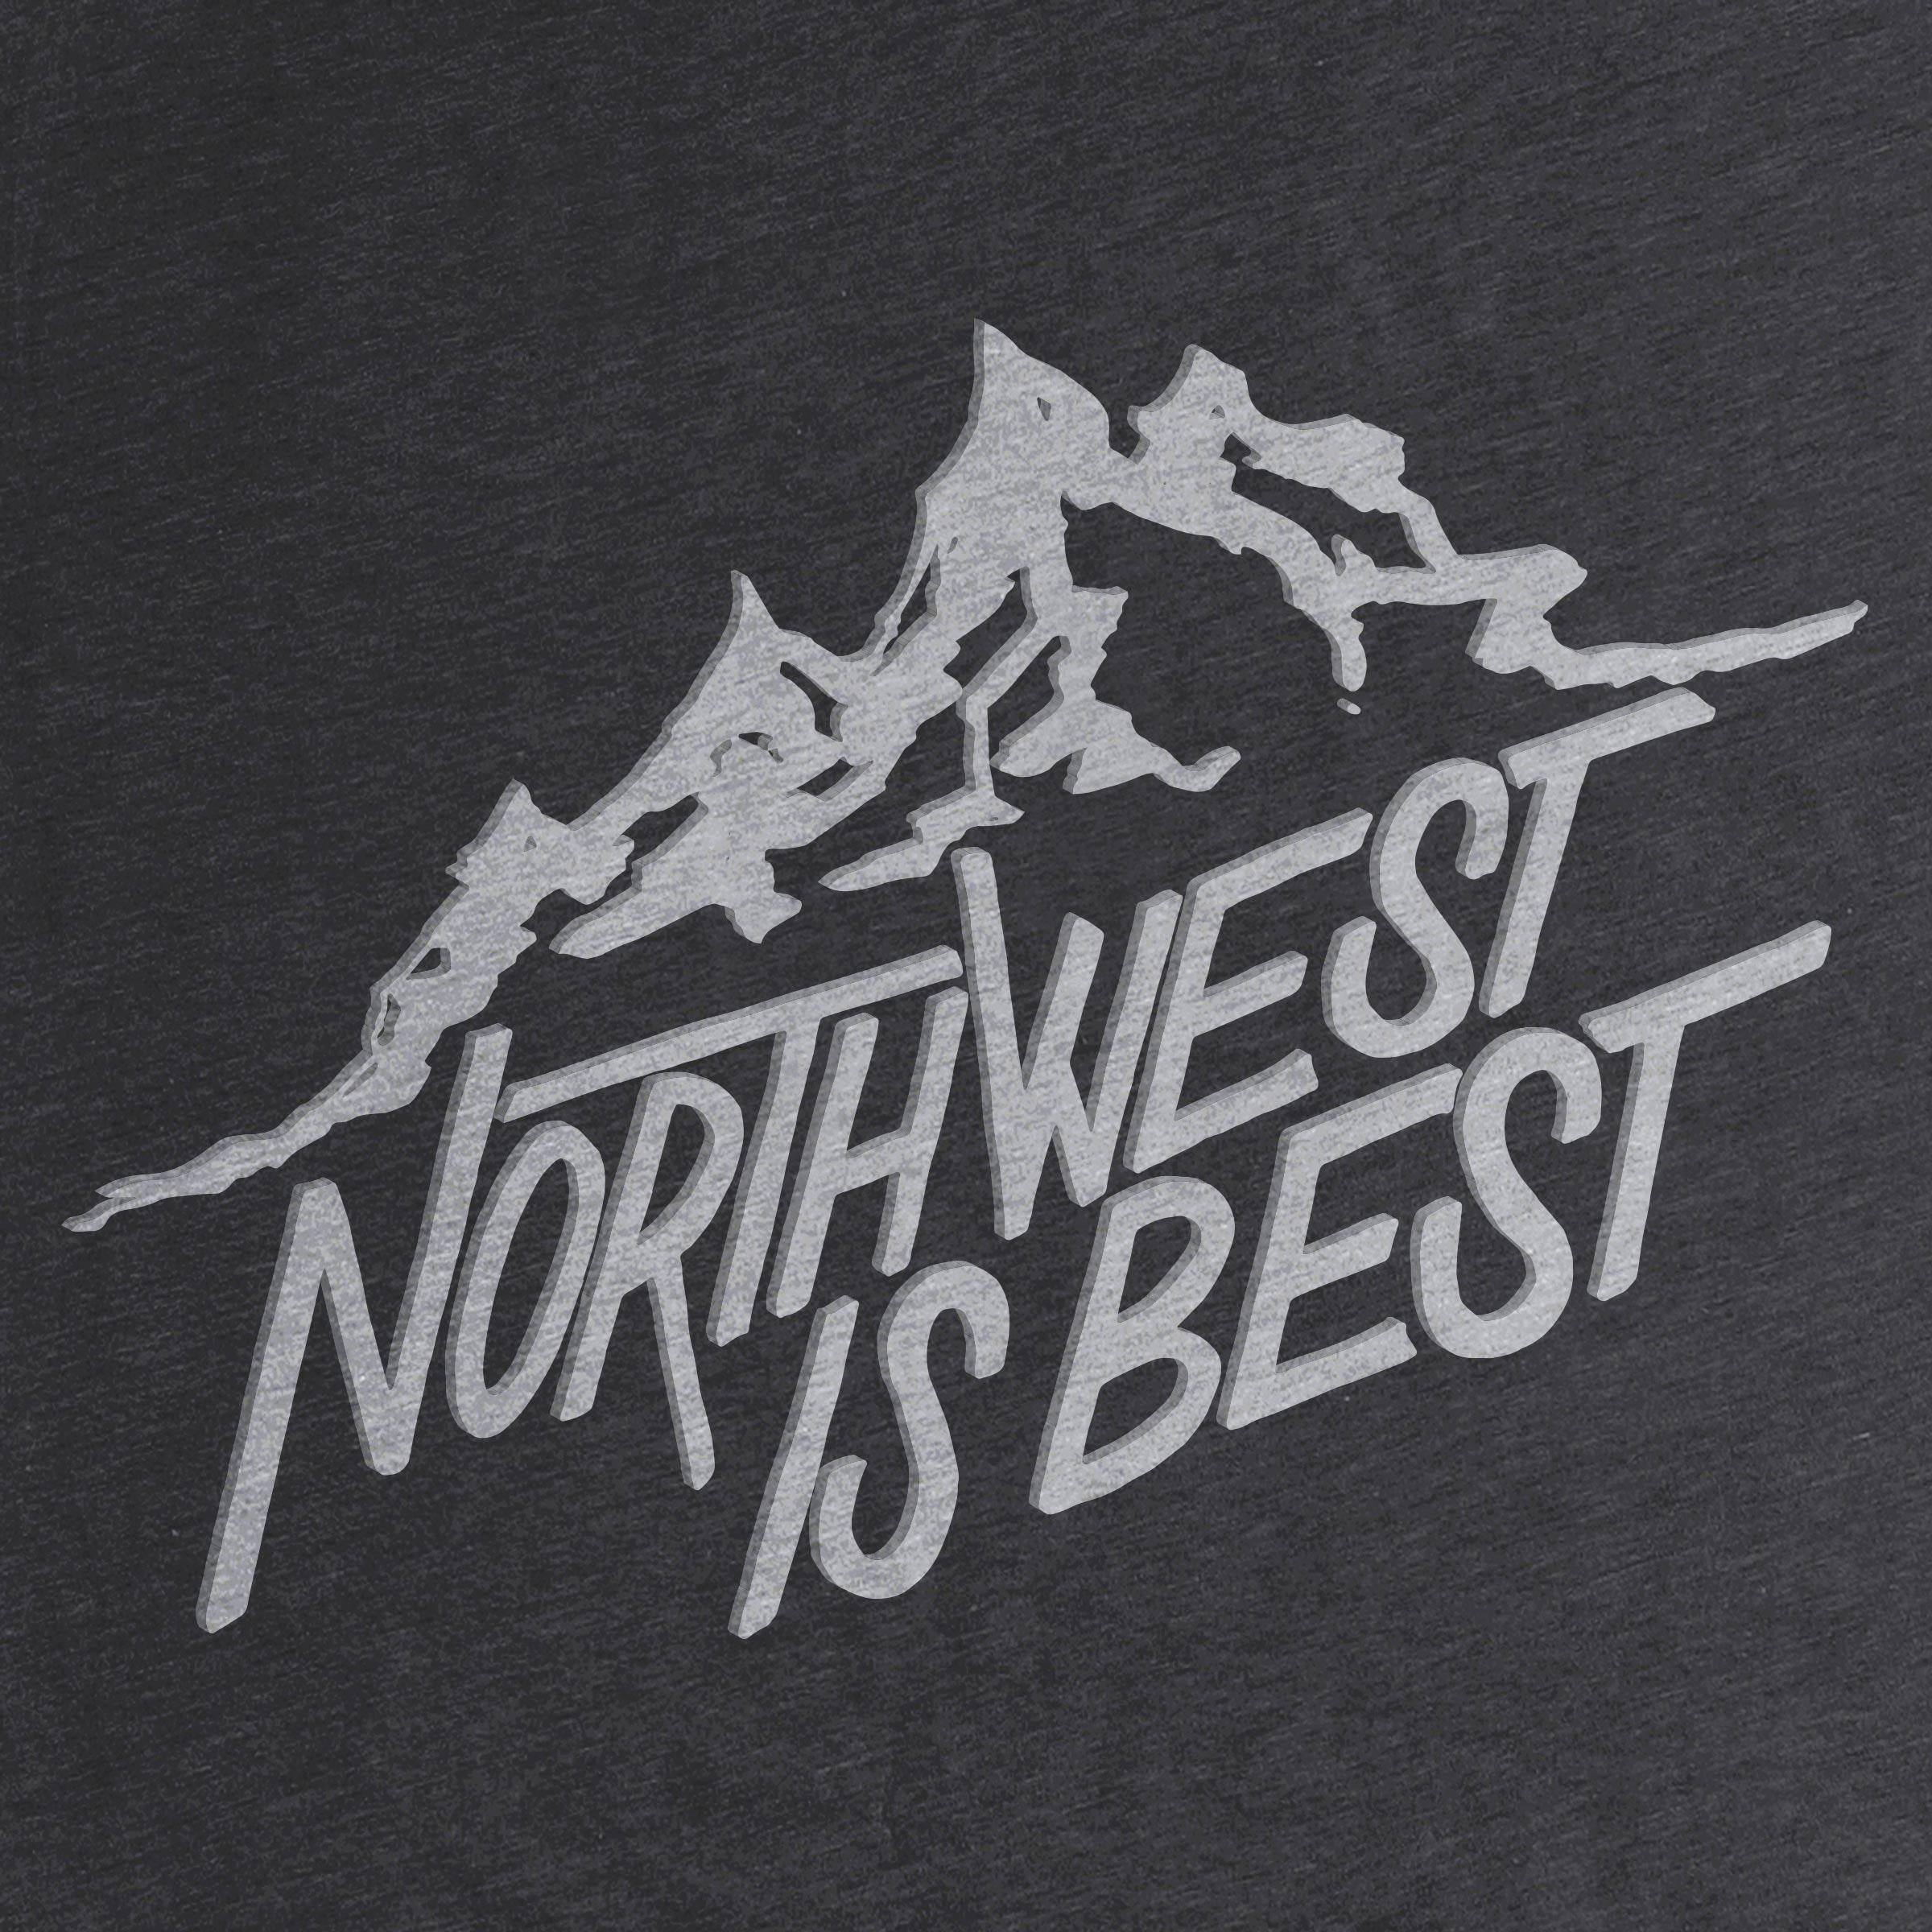 Northwest is Best